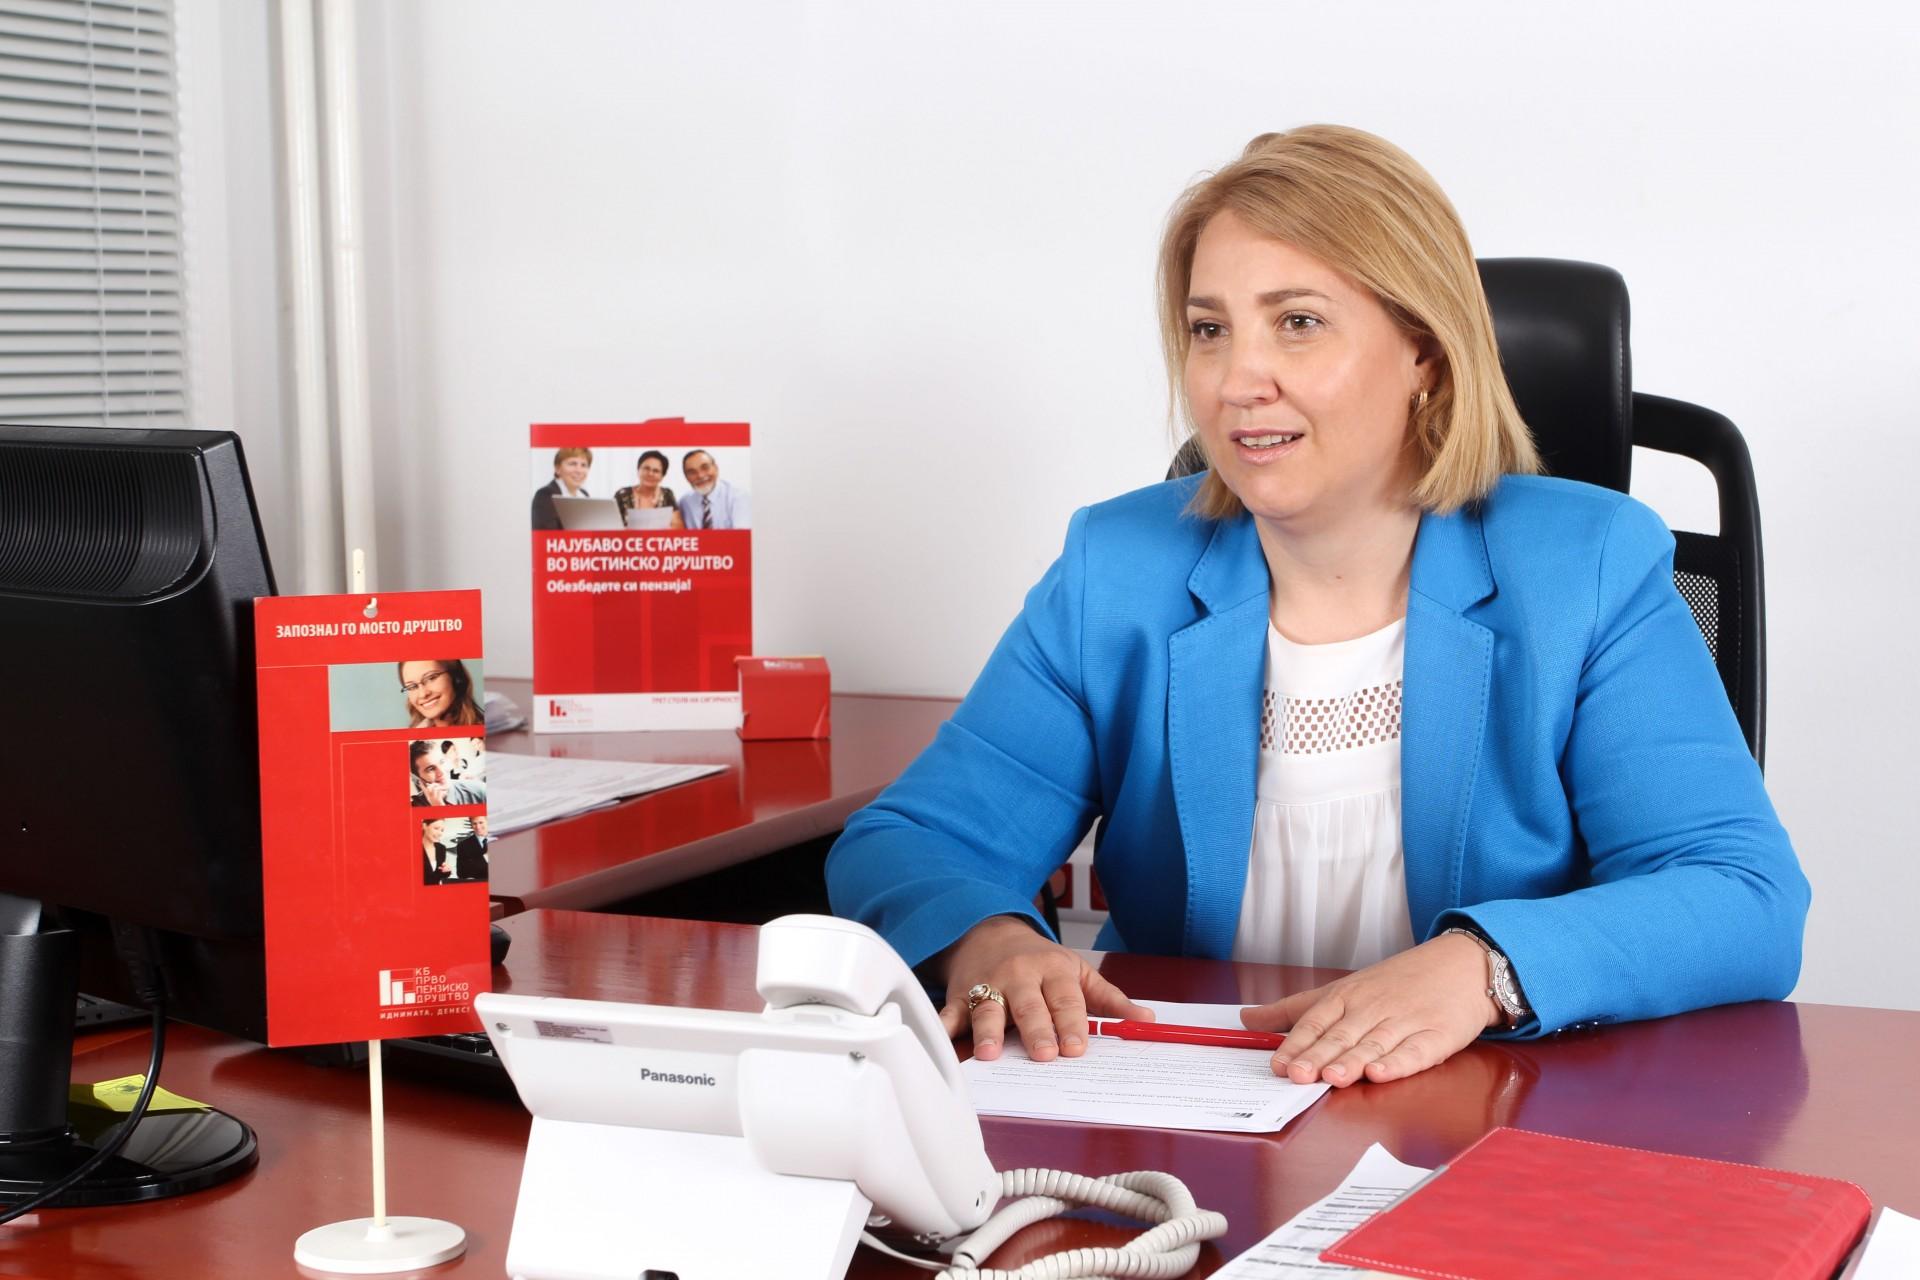 Стојановска: За 15 години постоење на КБ Прво пензиско друштво ги исполнивме очекувањата, пред сè на нашите членови